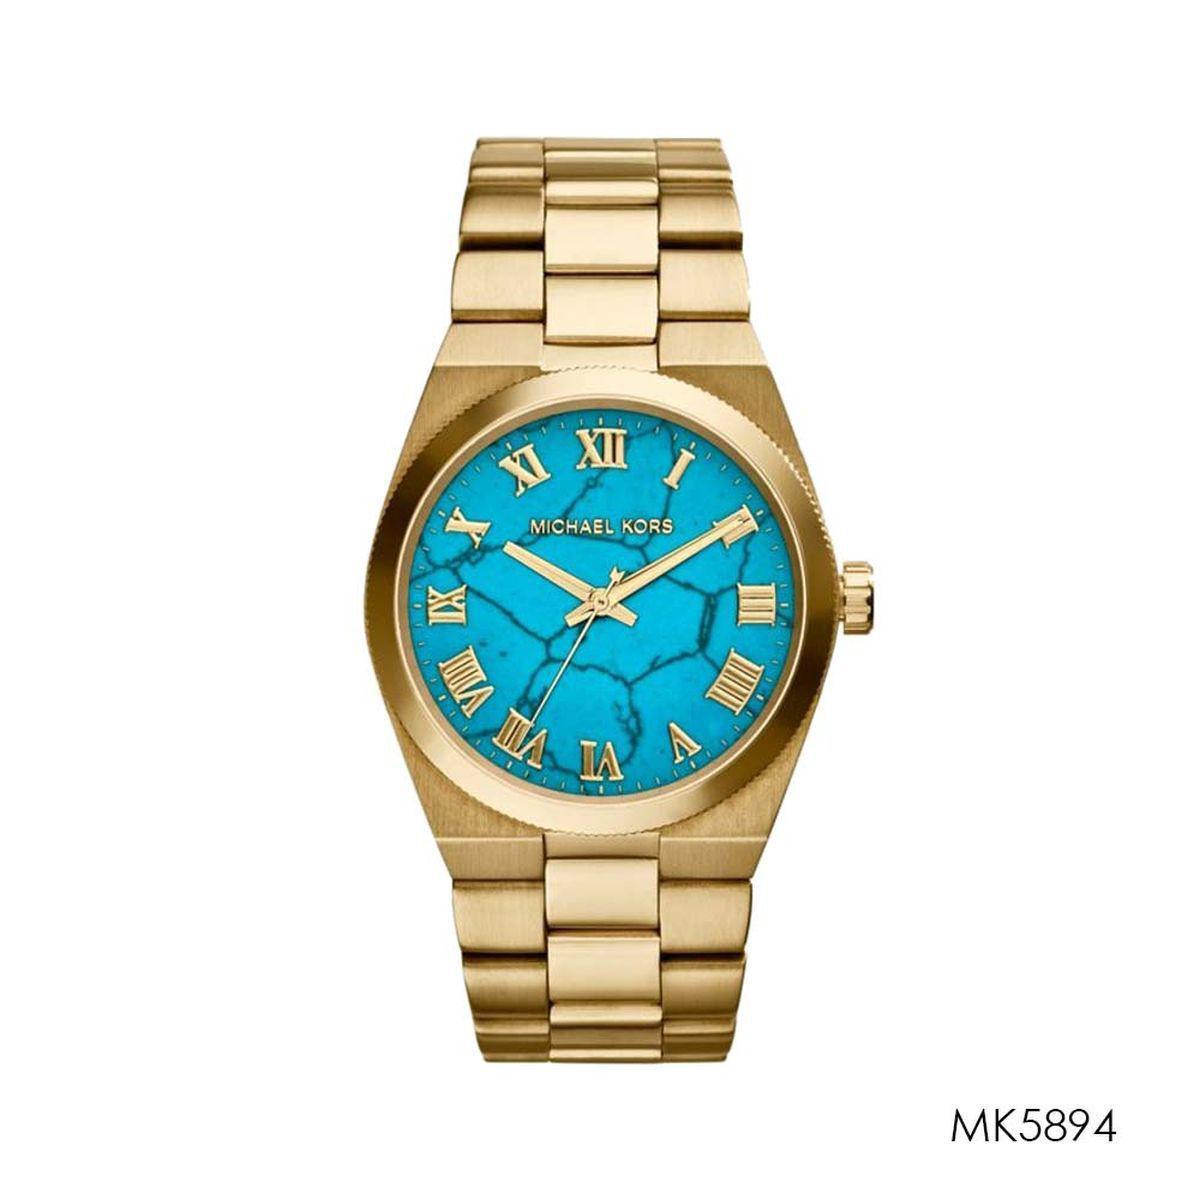 Relógio michael kors feminino mk5894 R  1.166,27 à vista. Adicionar à sacola 9897e5585c